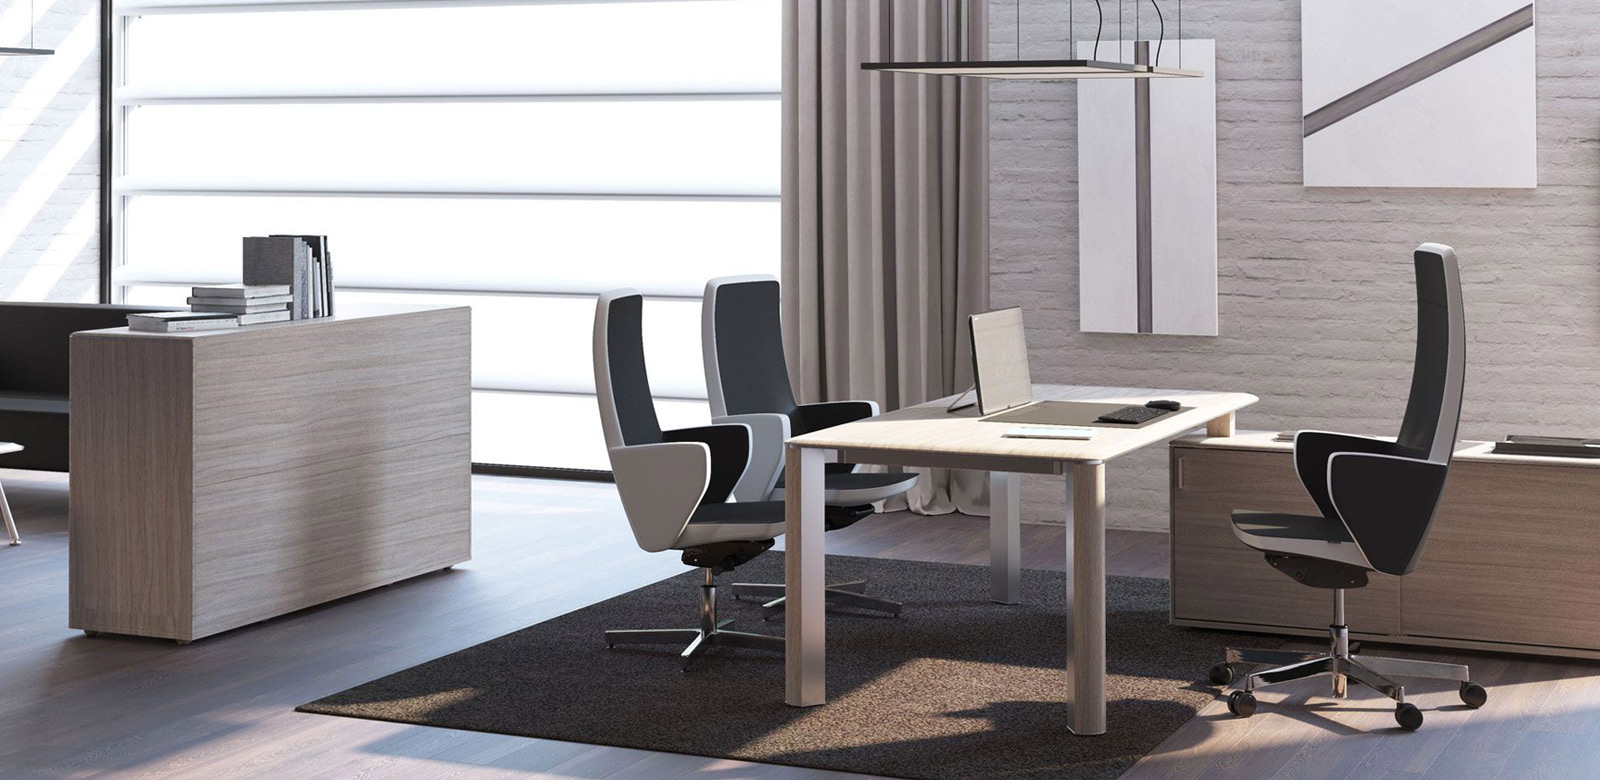 Perfect per luarredo ufficio di qualit hai bisogno di hai for Arredamento ufficio economico